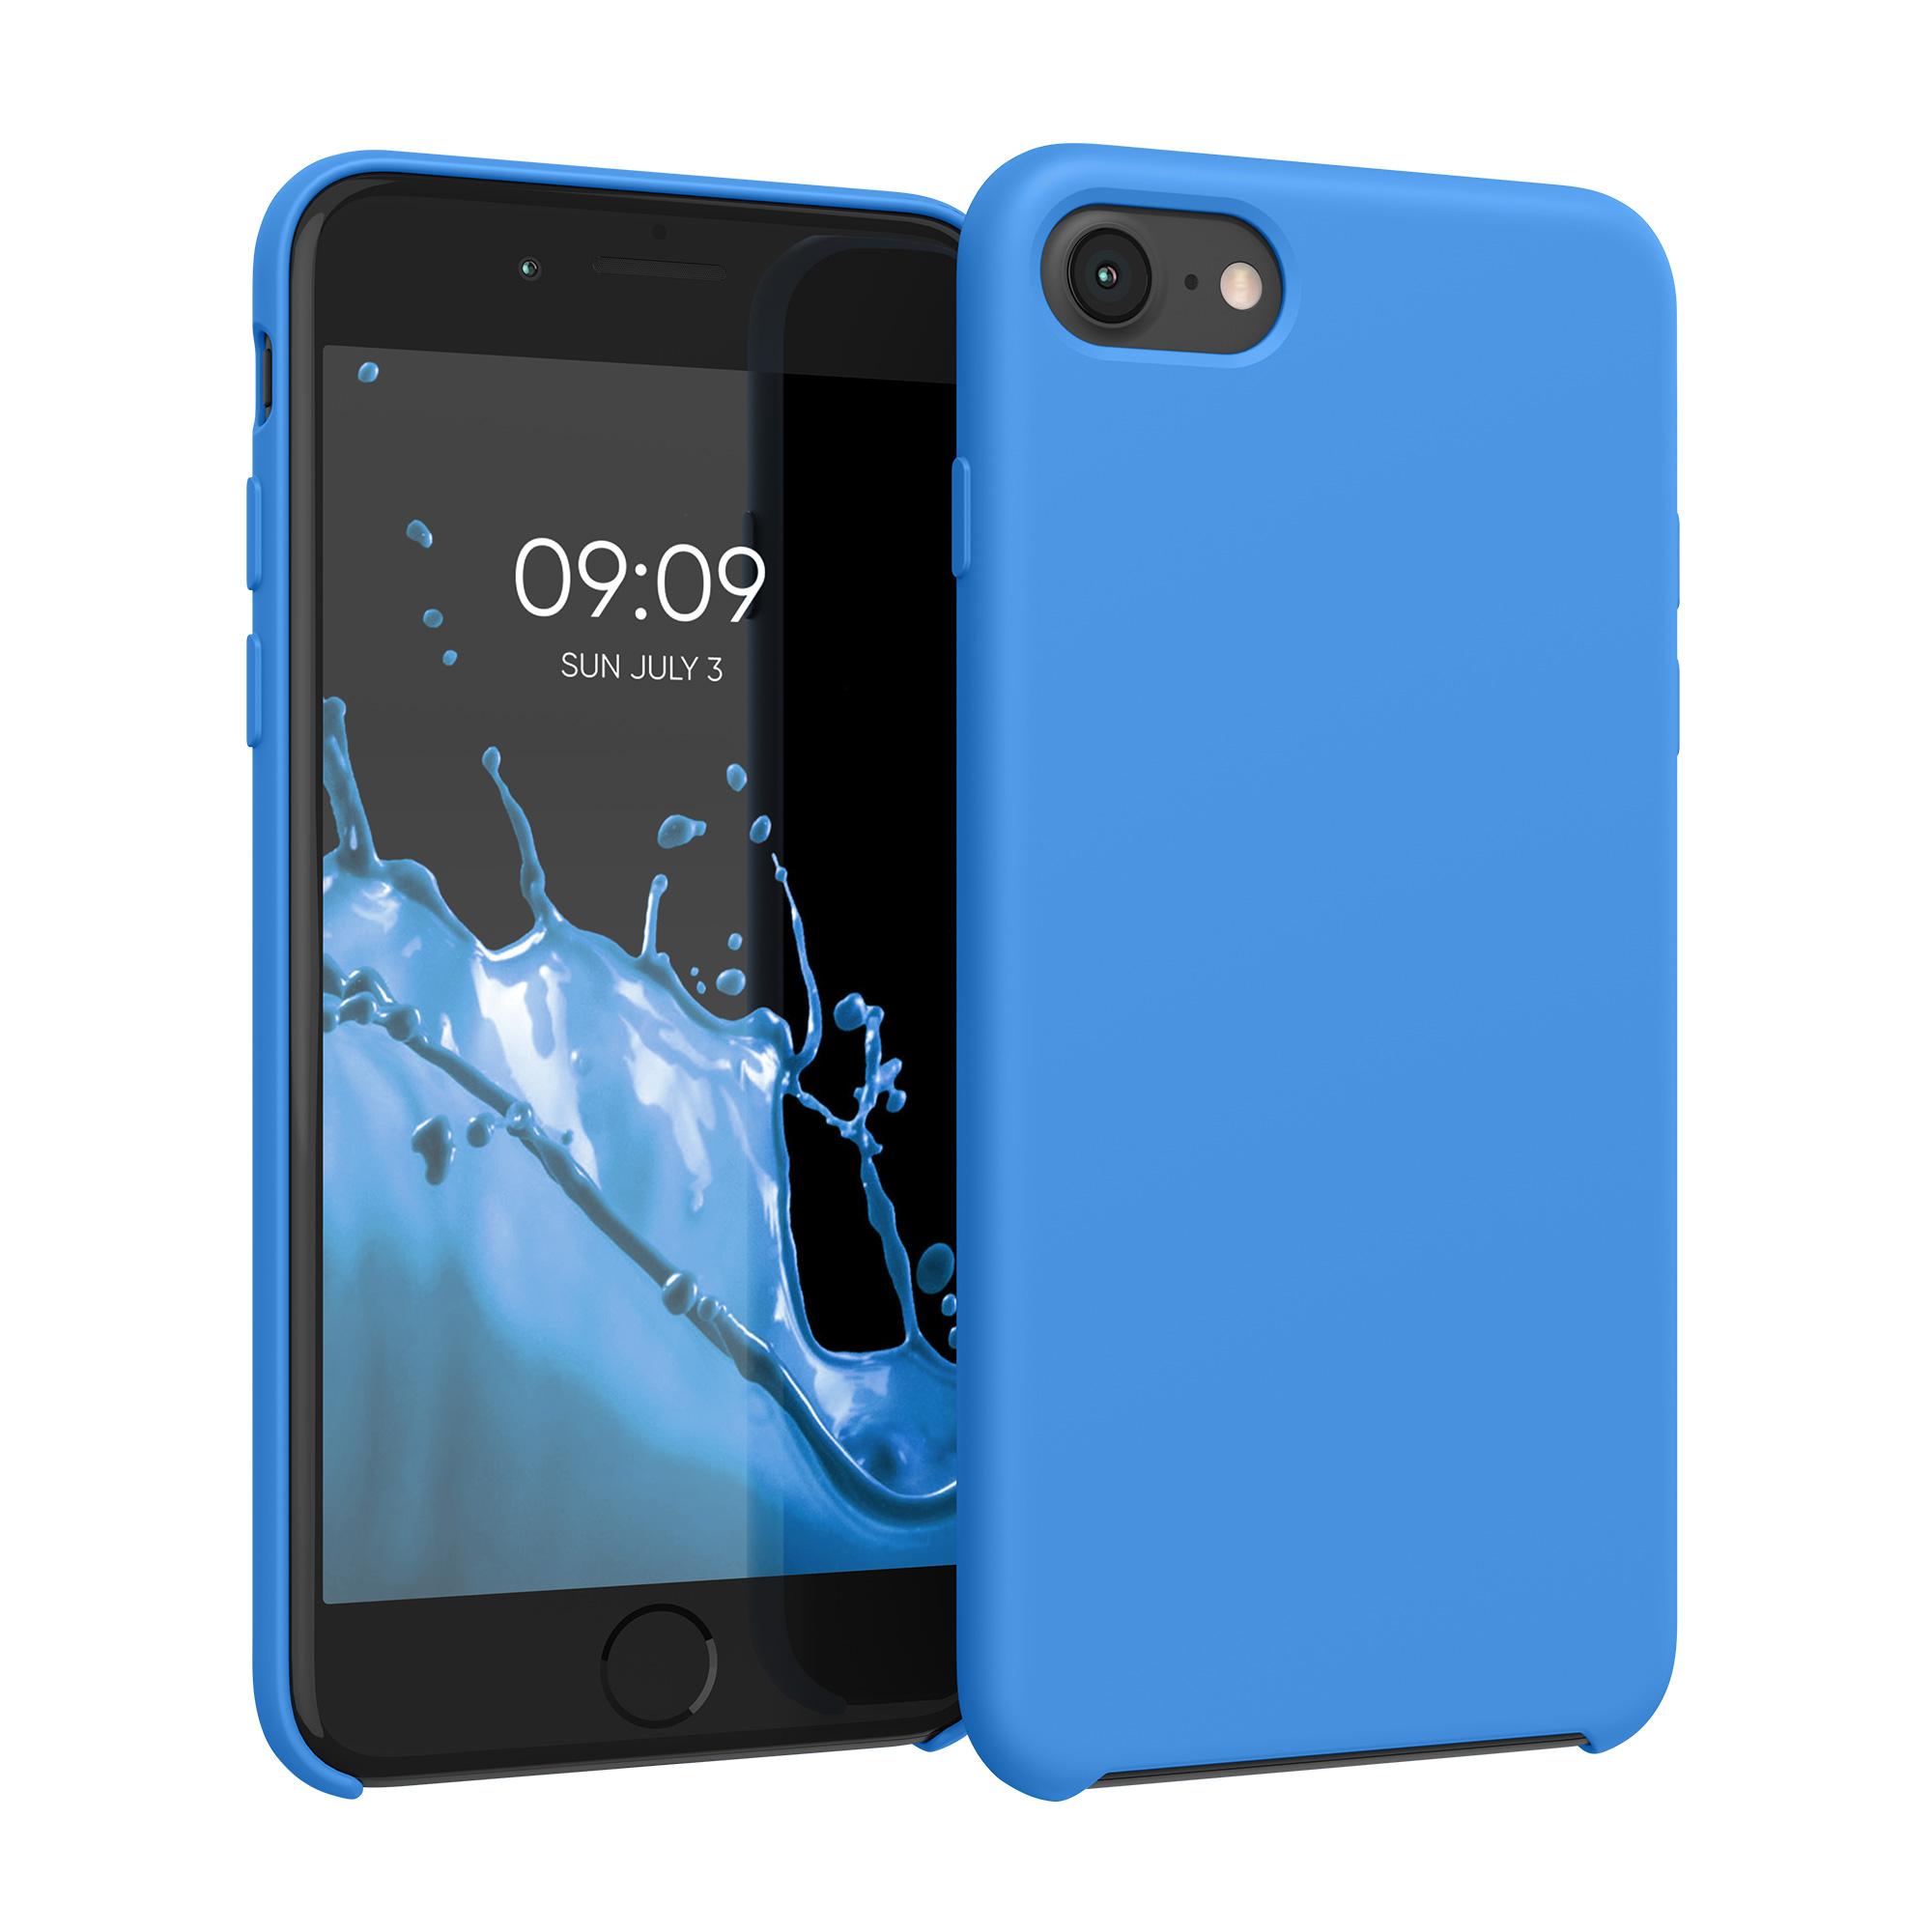 Kvalitní silikonové TPU pouzdro pro Apple iPhone 7 / 8 / SE  - Surf modré